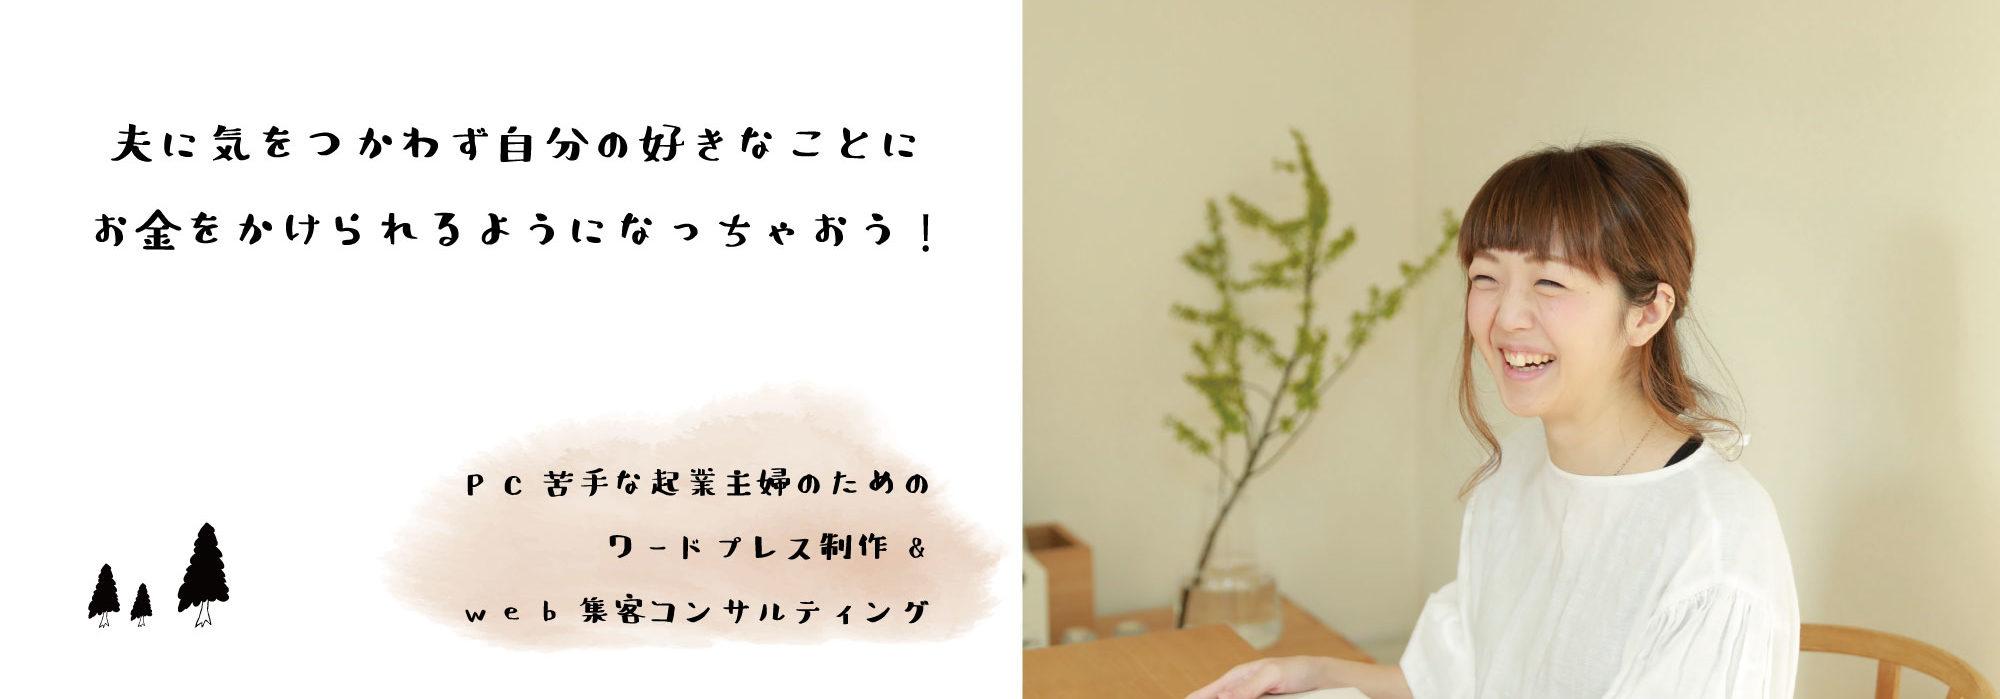 吉田あみ公式ブログ